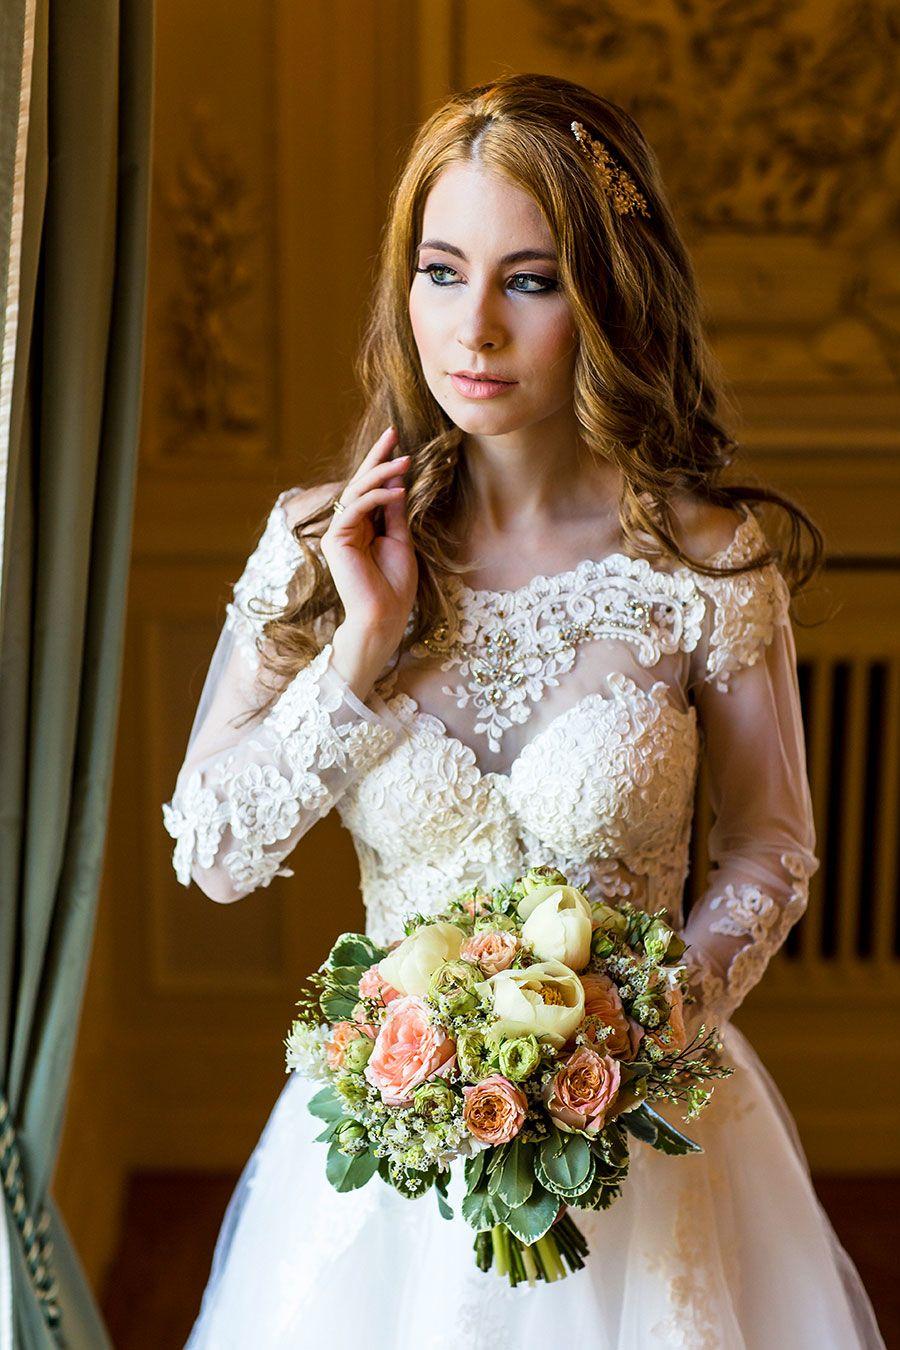 Ein traumhaft schönes Brautkleid trägt Christina oder? Dazu einen wirklich hübschen Brautstrauß. Foto: Christina & Eduard Wedding Photography